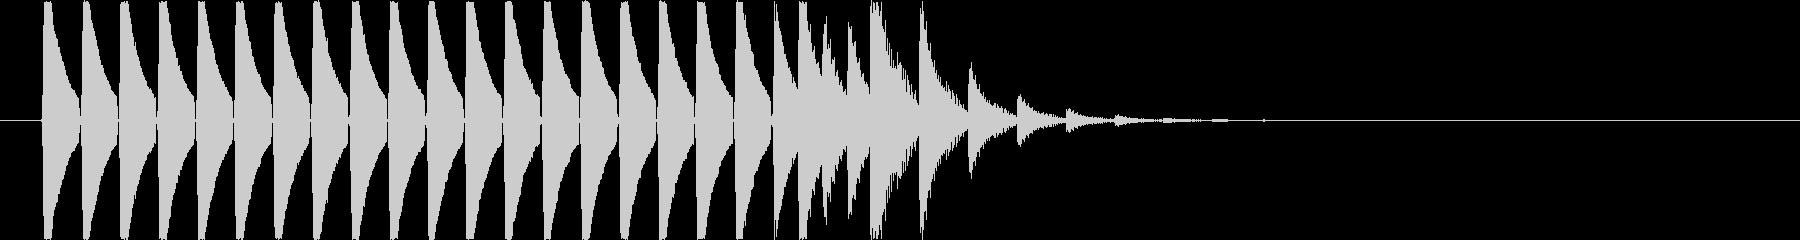 【ピピピピ】スコア カウント 経験値の未再生の波形